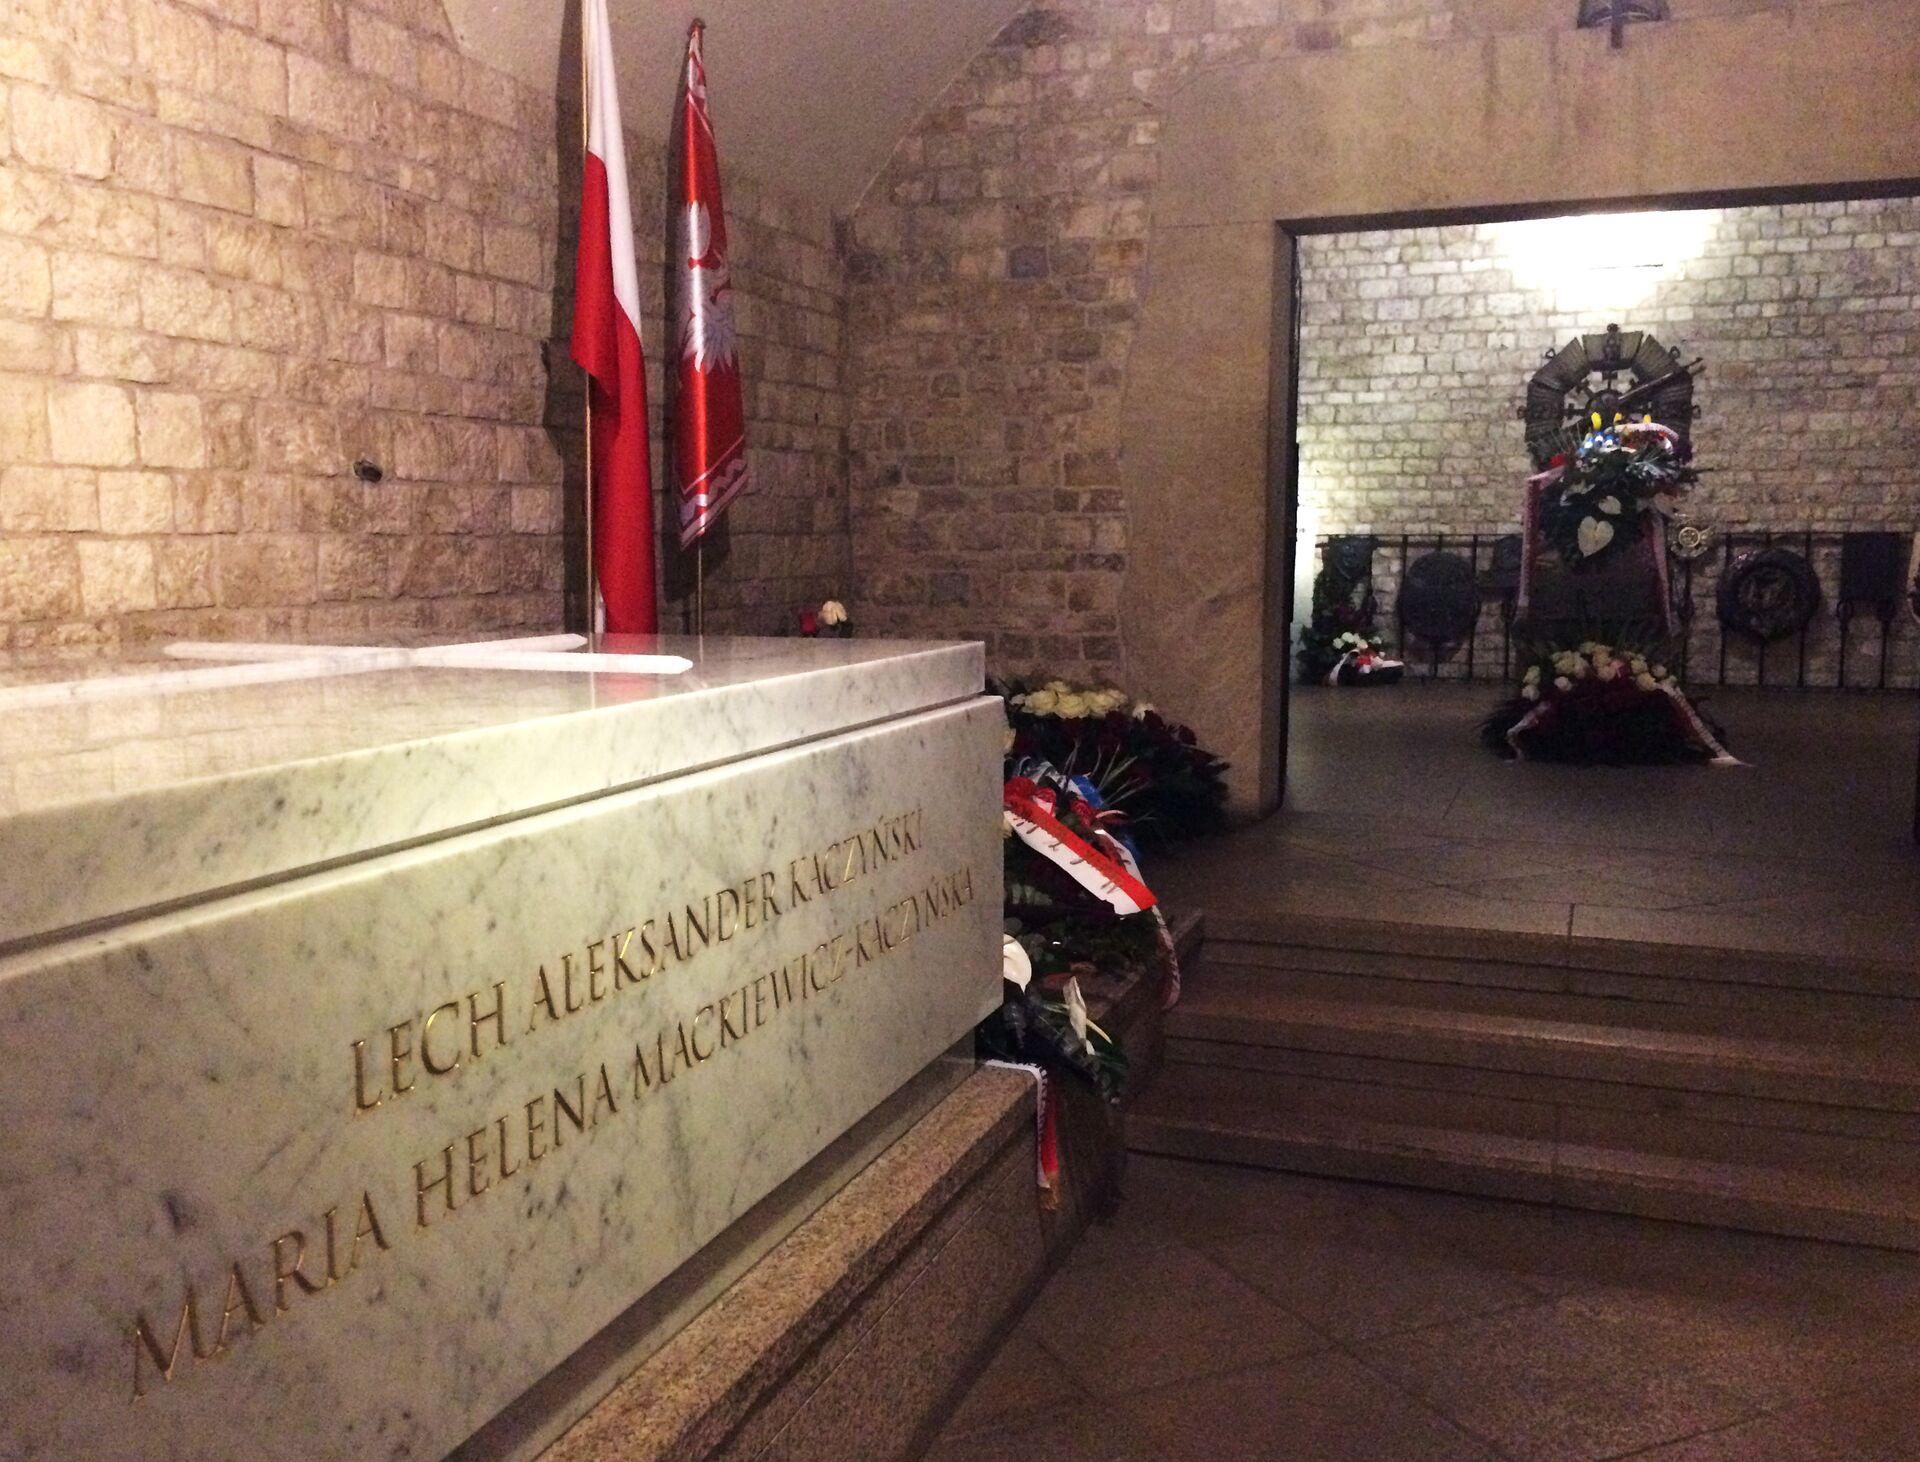 Польша вспоминает экс-президента Качиньского и авиакатастрофу под Смоленском  - Sputnik Беларусь, 1920, 10.04.2021